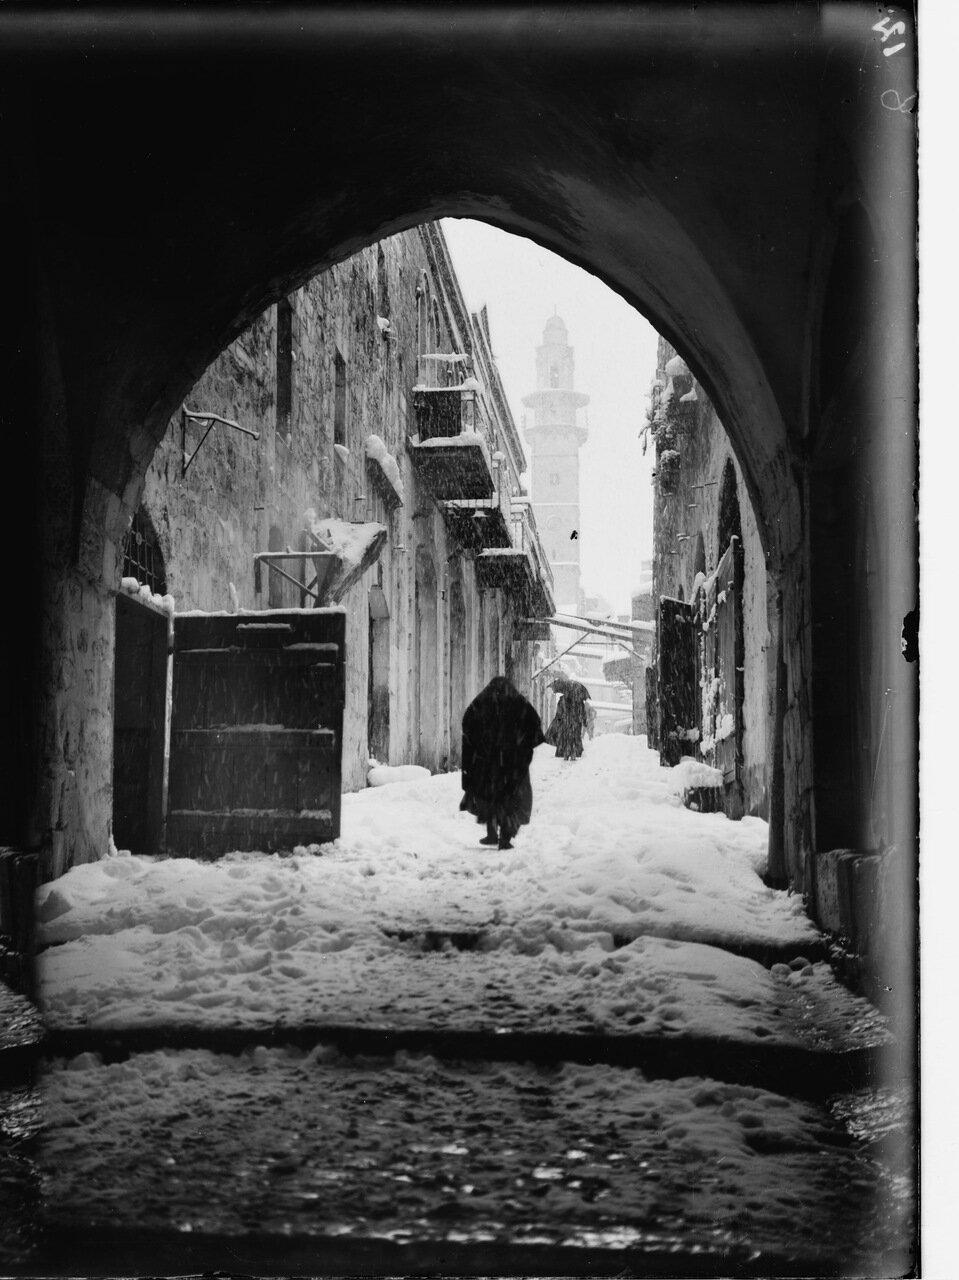 Иерусалим во время снежной зимы. Виа Долороза в снегу, восьмая остановка. Место встречи Христа с благочестивой женщиной. Церковь Спасителя (лютеранская)